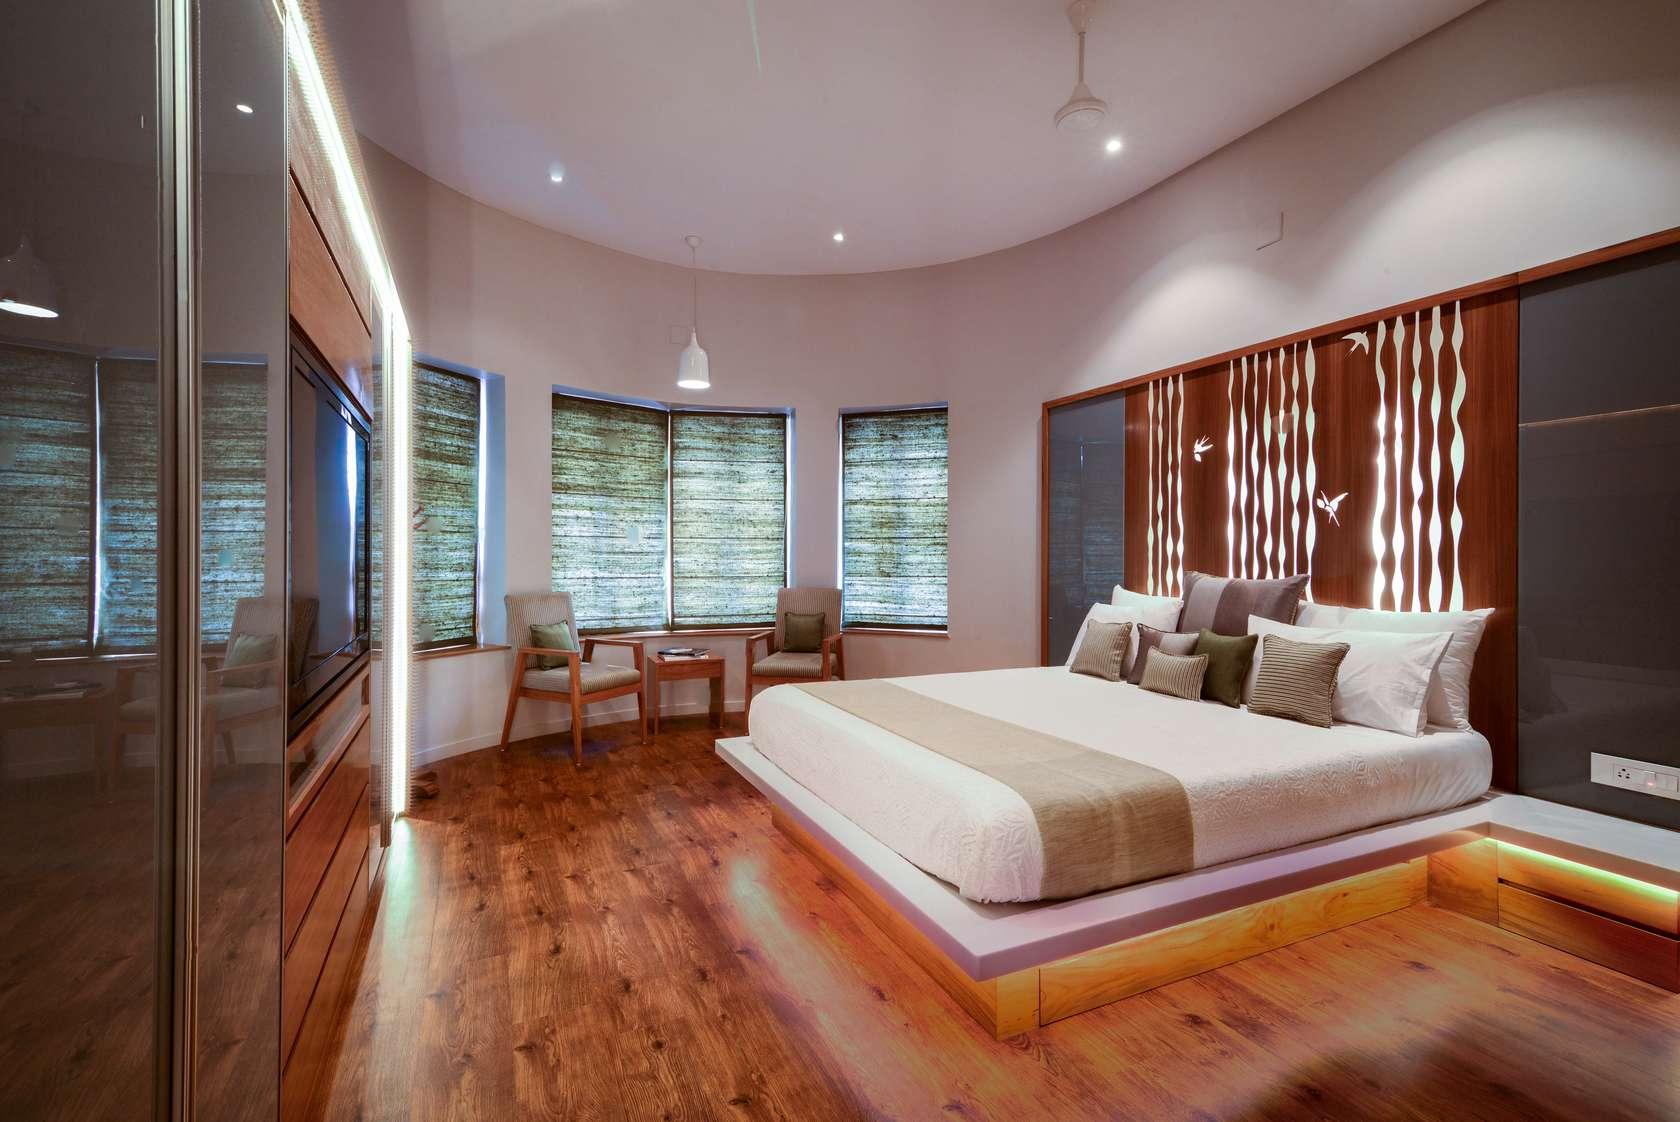 Shahid Kapoor House Interior 28 Images Shahid Kapoor